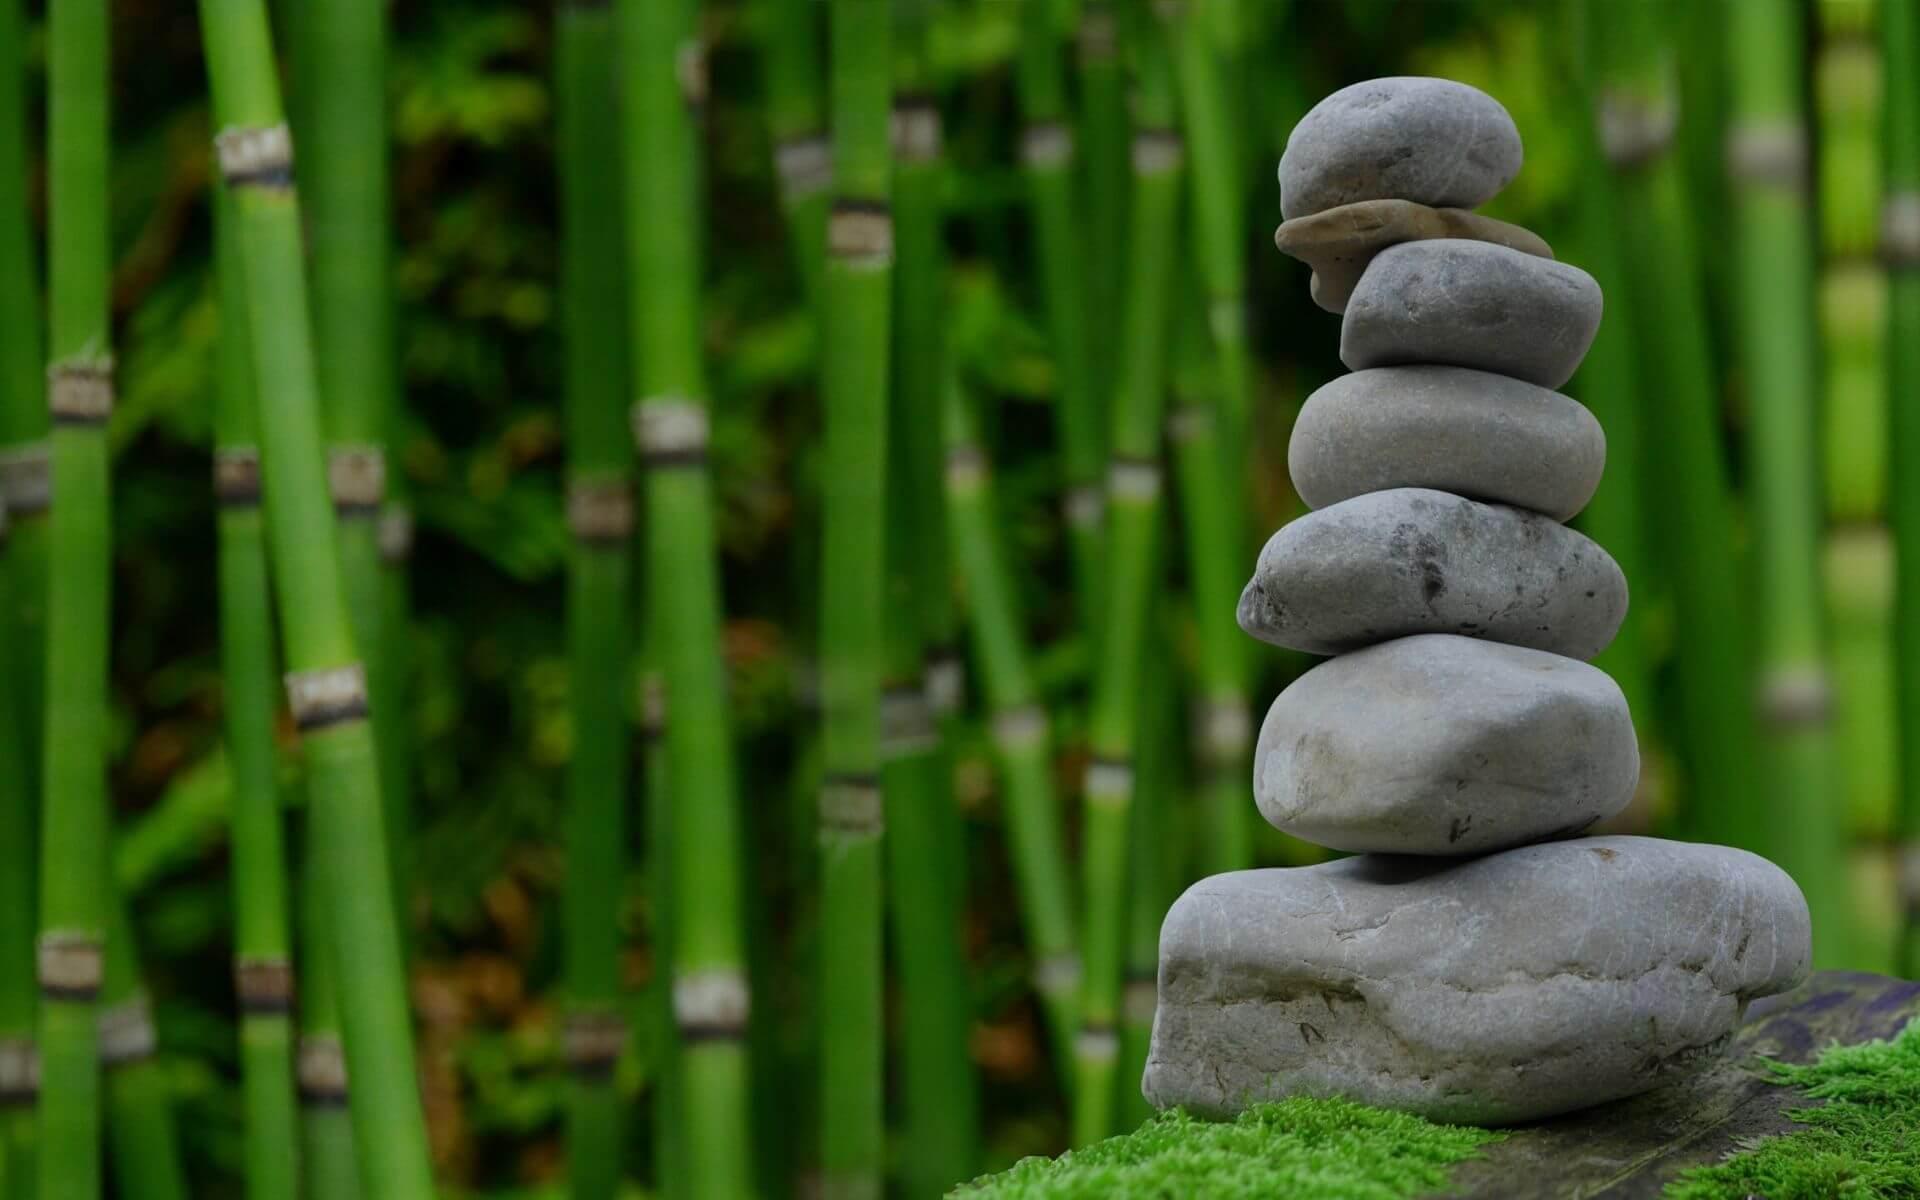 36 Weisheiten, die dich zum Nachdenken anregen!